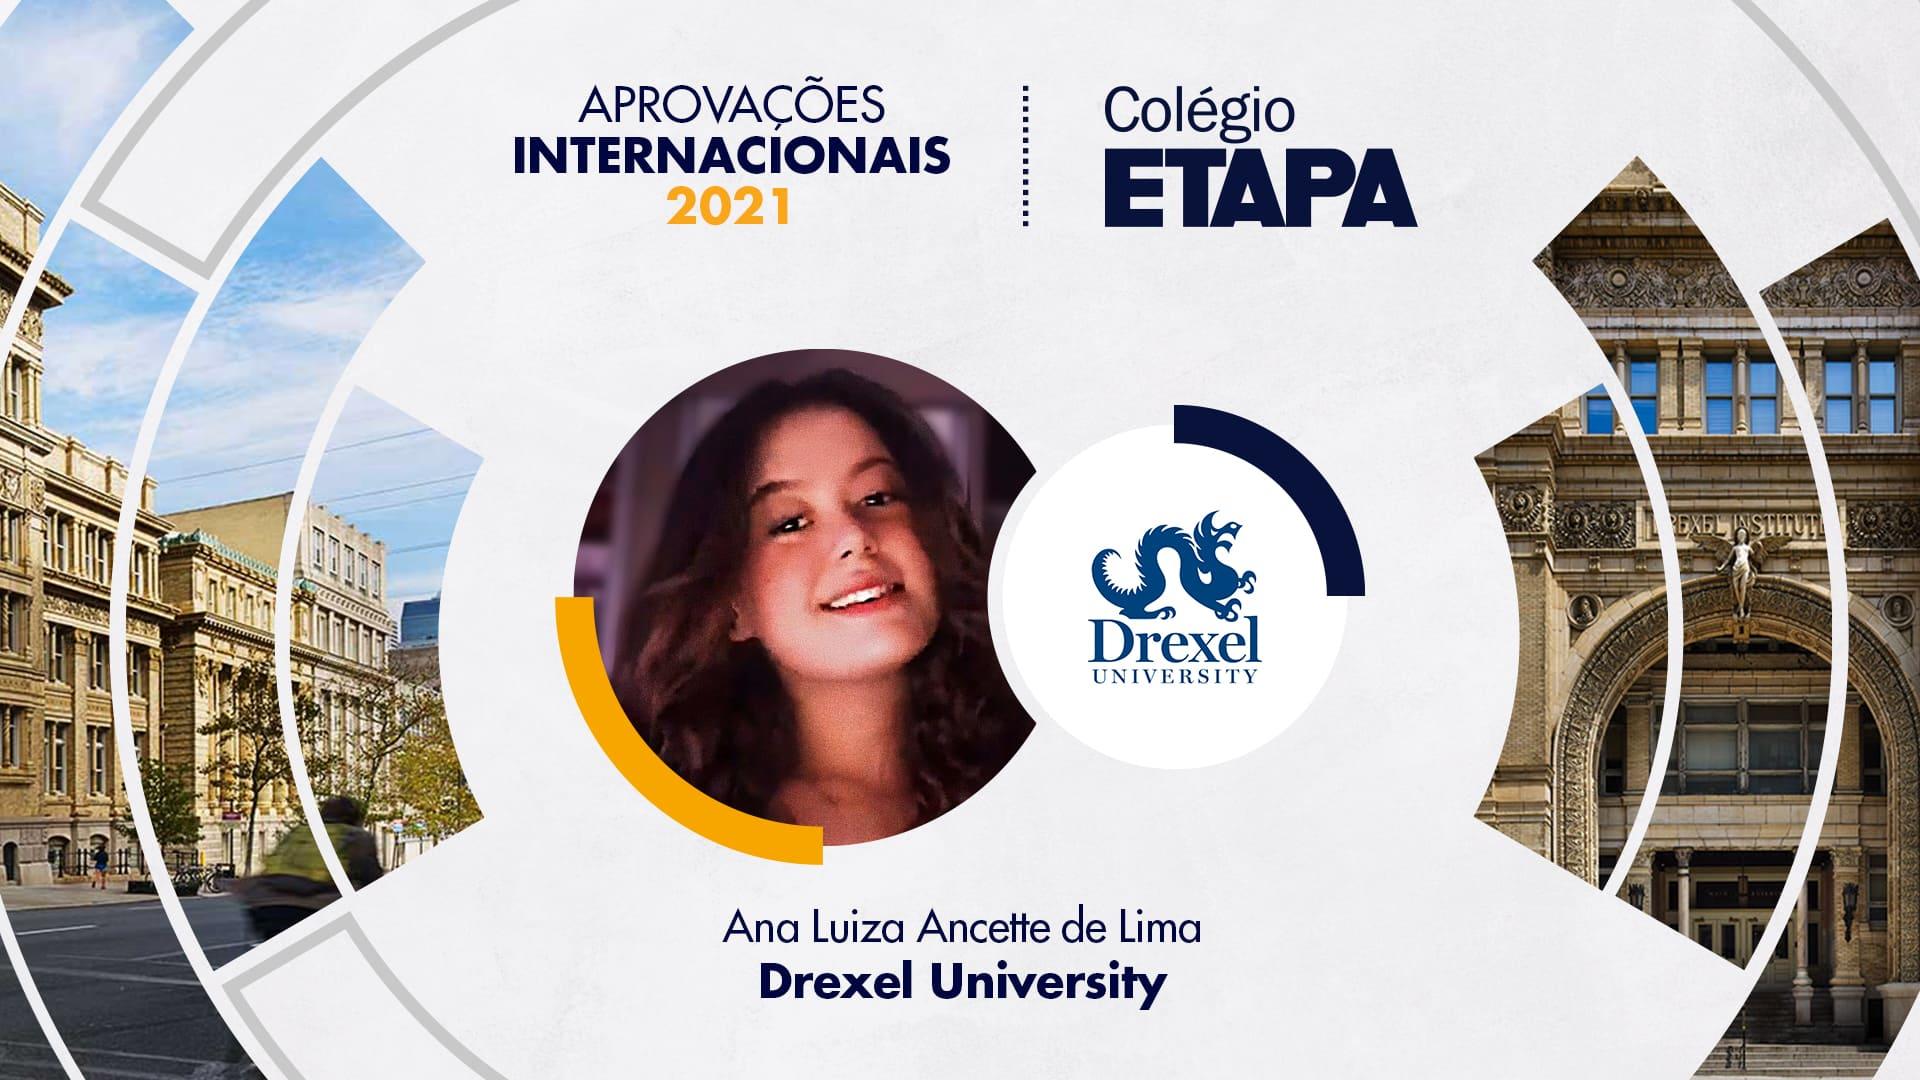 Aprovações Internacionais 2021: Ana Luiza Ancette de Lima